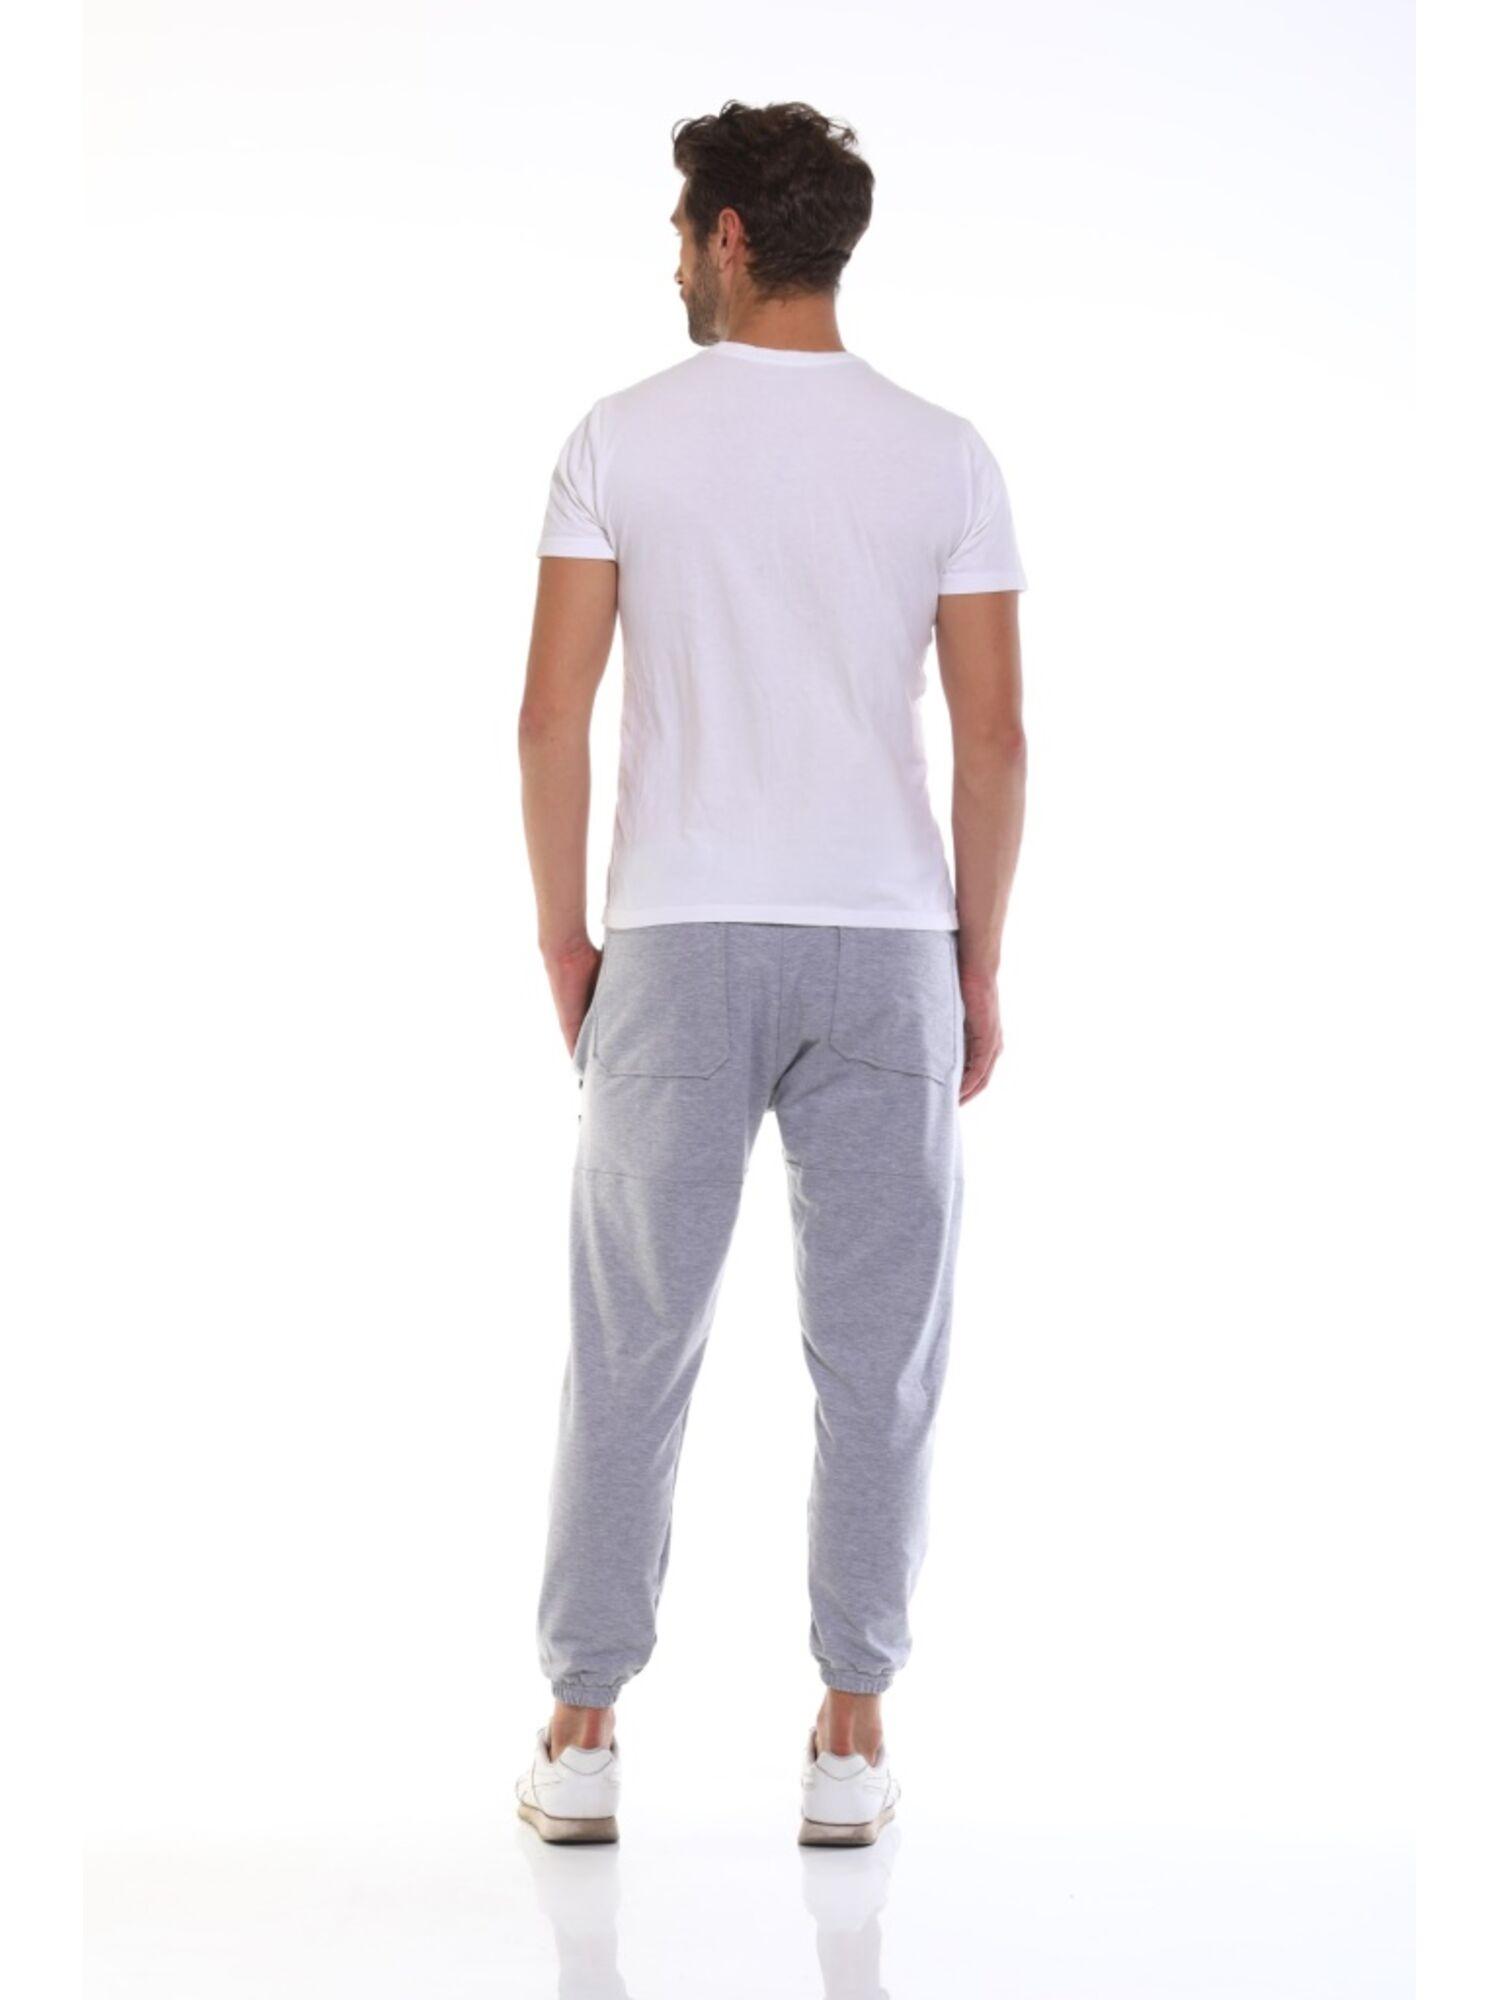 Штаны спортивные мужские 008 Wanderer серый меланж, Peche Monnaie